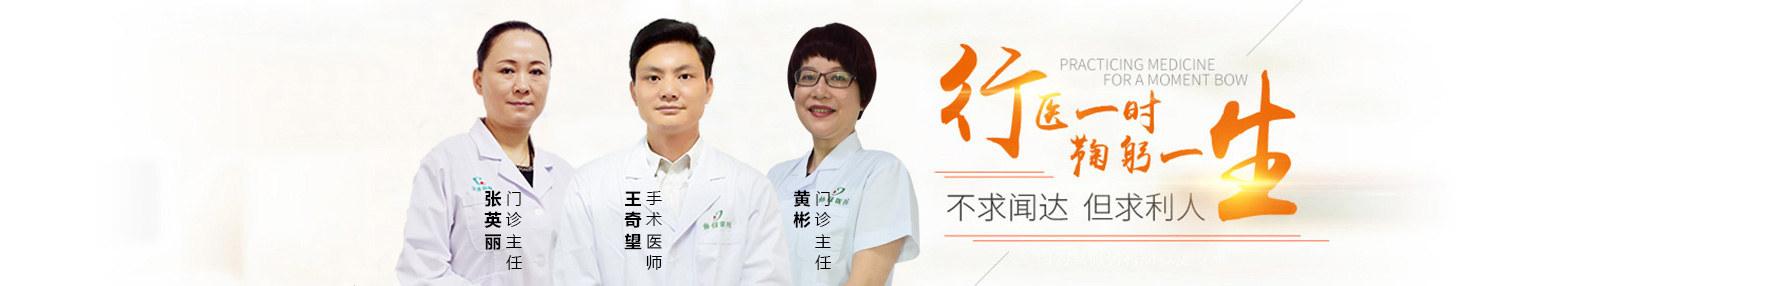 广州哪里治疗乳腺疾病